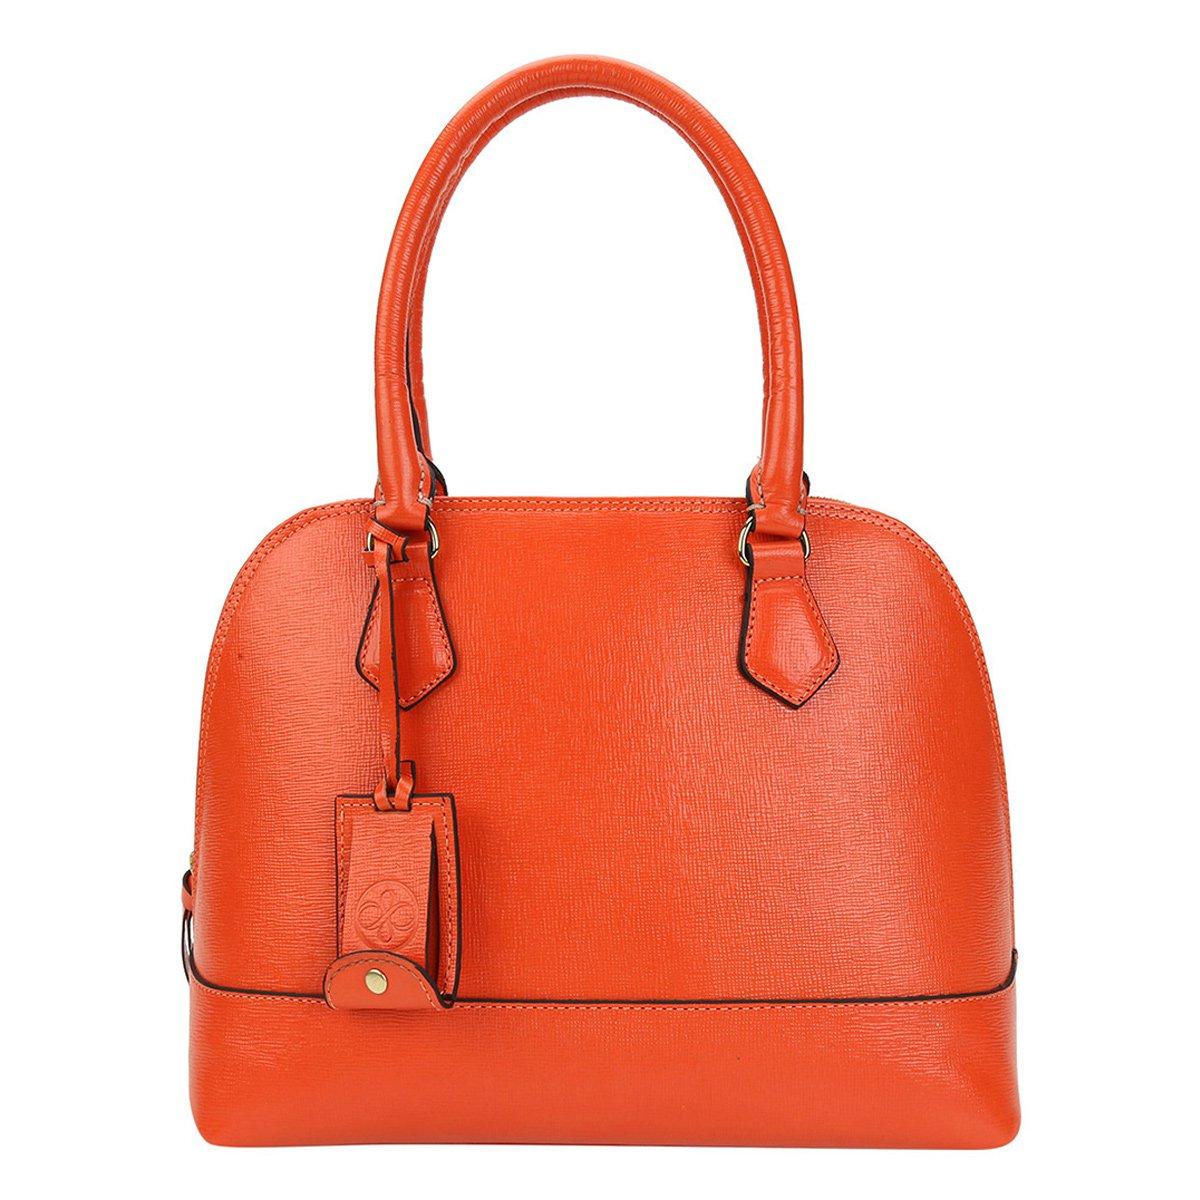 94d50c49a5045 Bolsa Couro Shoestock Satchel Alça Dupla Feminina - Compre Agora ...